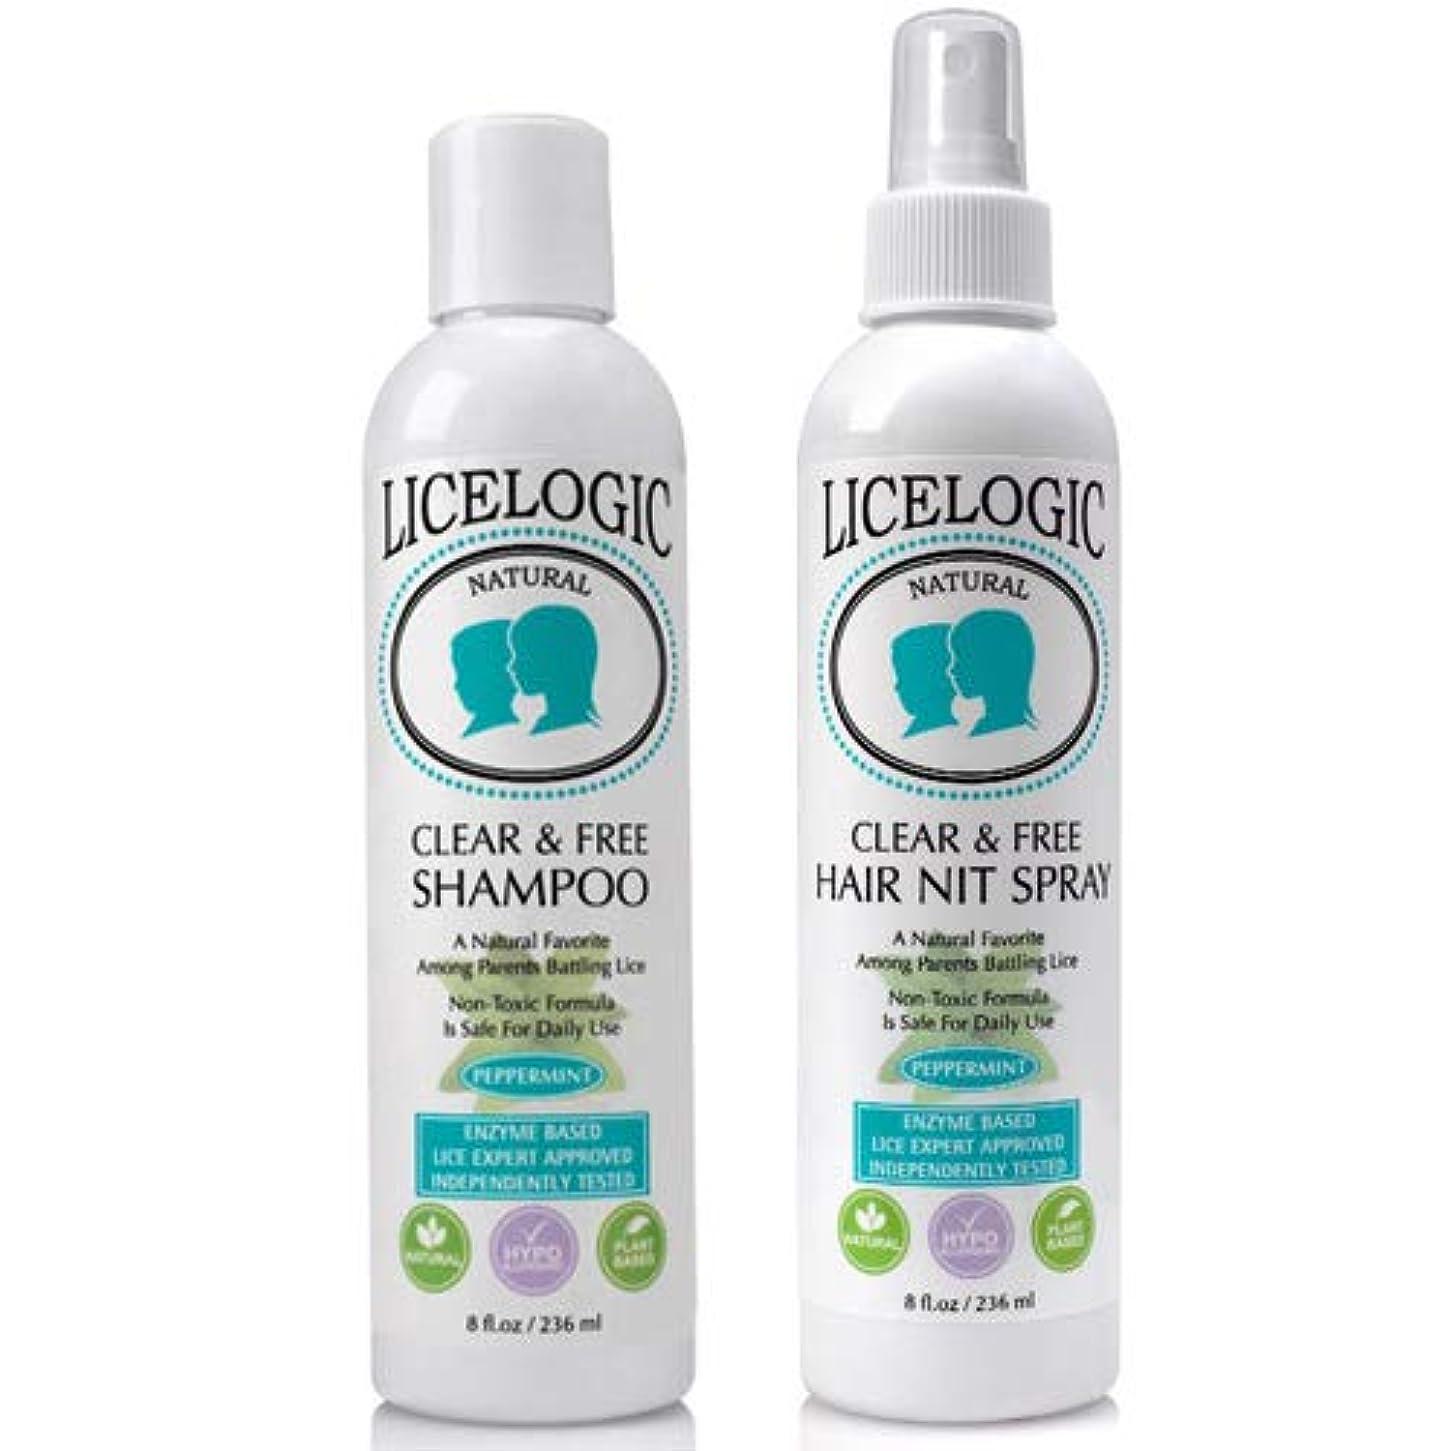 役員レベル刑務所Lice Logic 植物由来の高濃度ブレンド酵素配合 Clear and Free シャンプー ヘアニットスプレー 2点セット(ペパーミント)各236ml